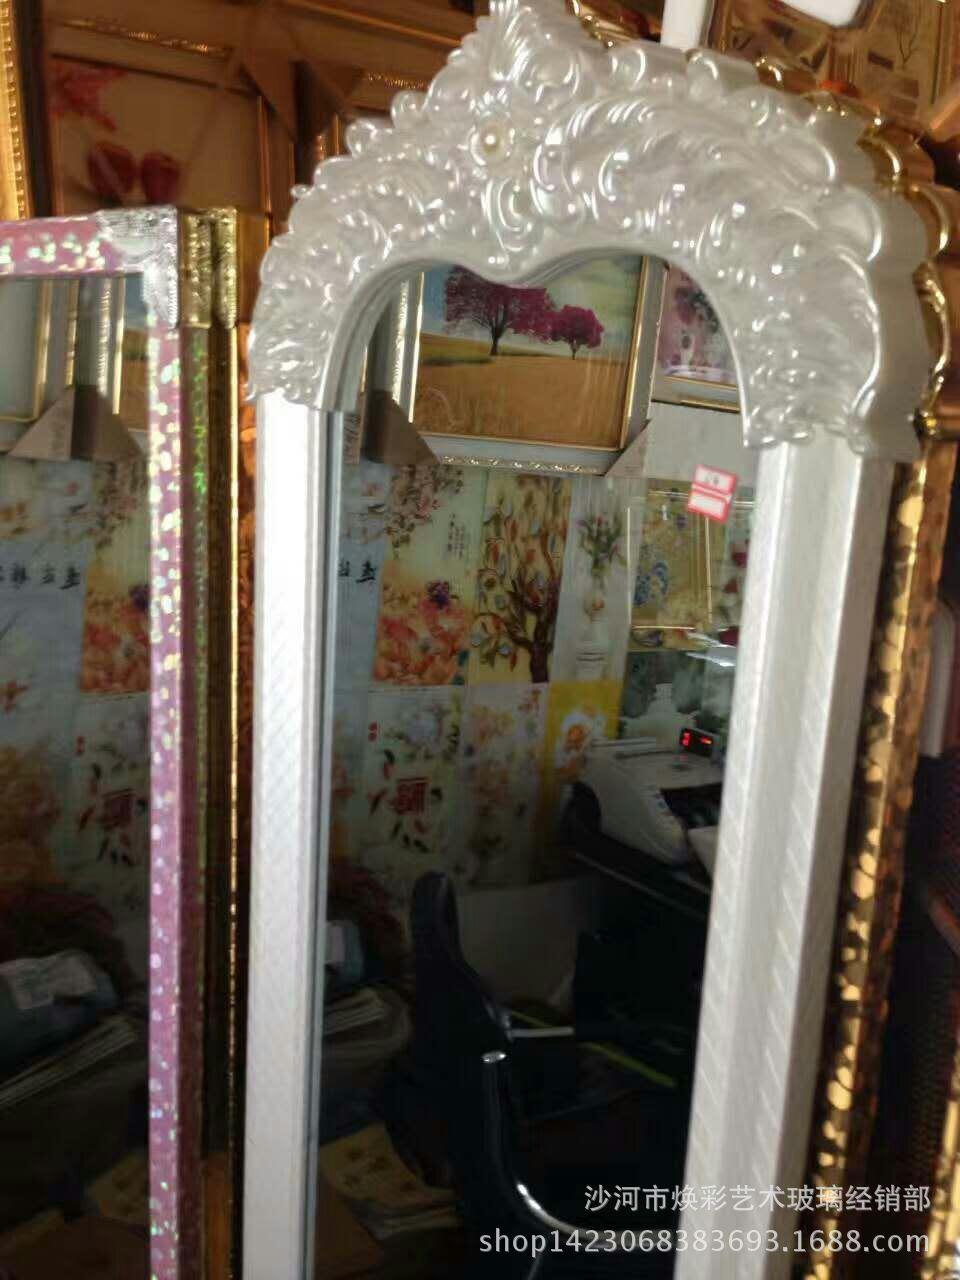 焕彩艺术玻璃电视拼镜玻璃镜面欧式沙发餐厅